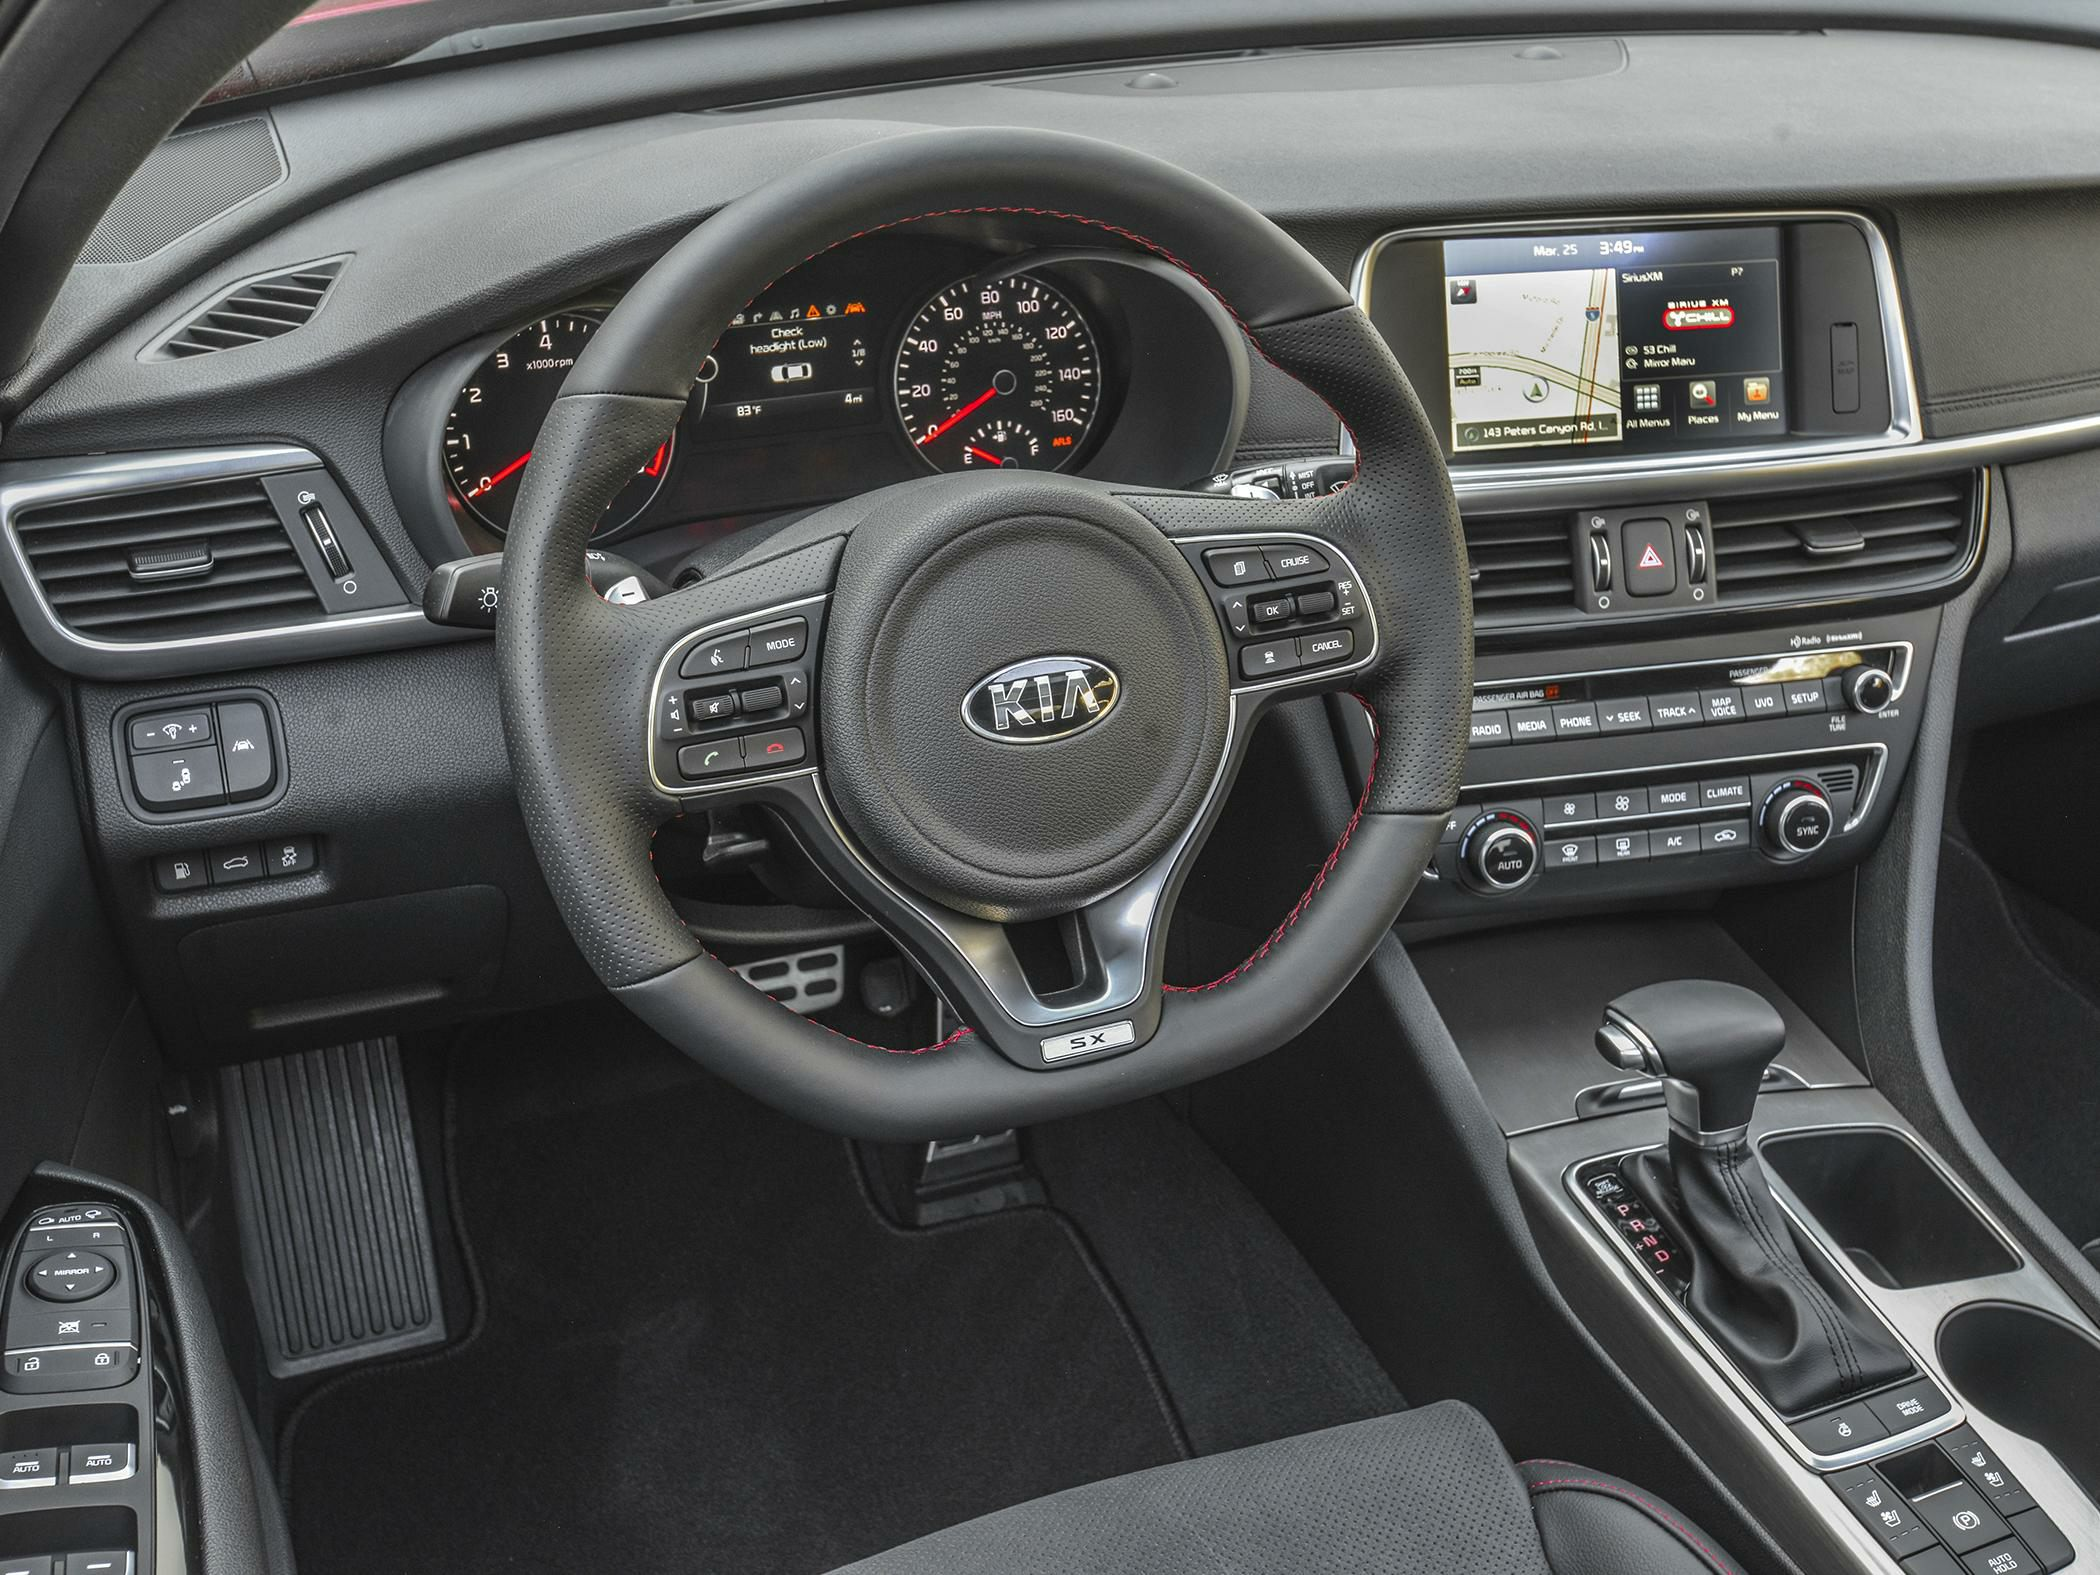 2018 Kia Optima for sale in Newmarket Kia of Newmarket